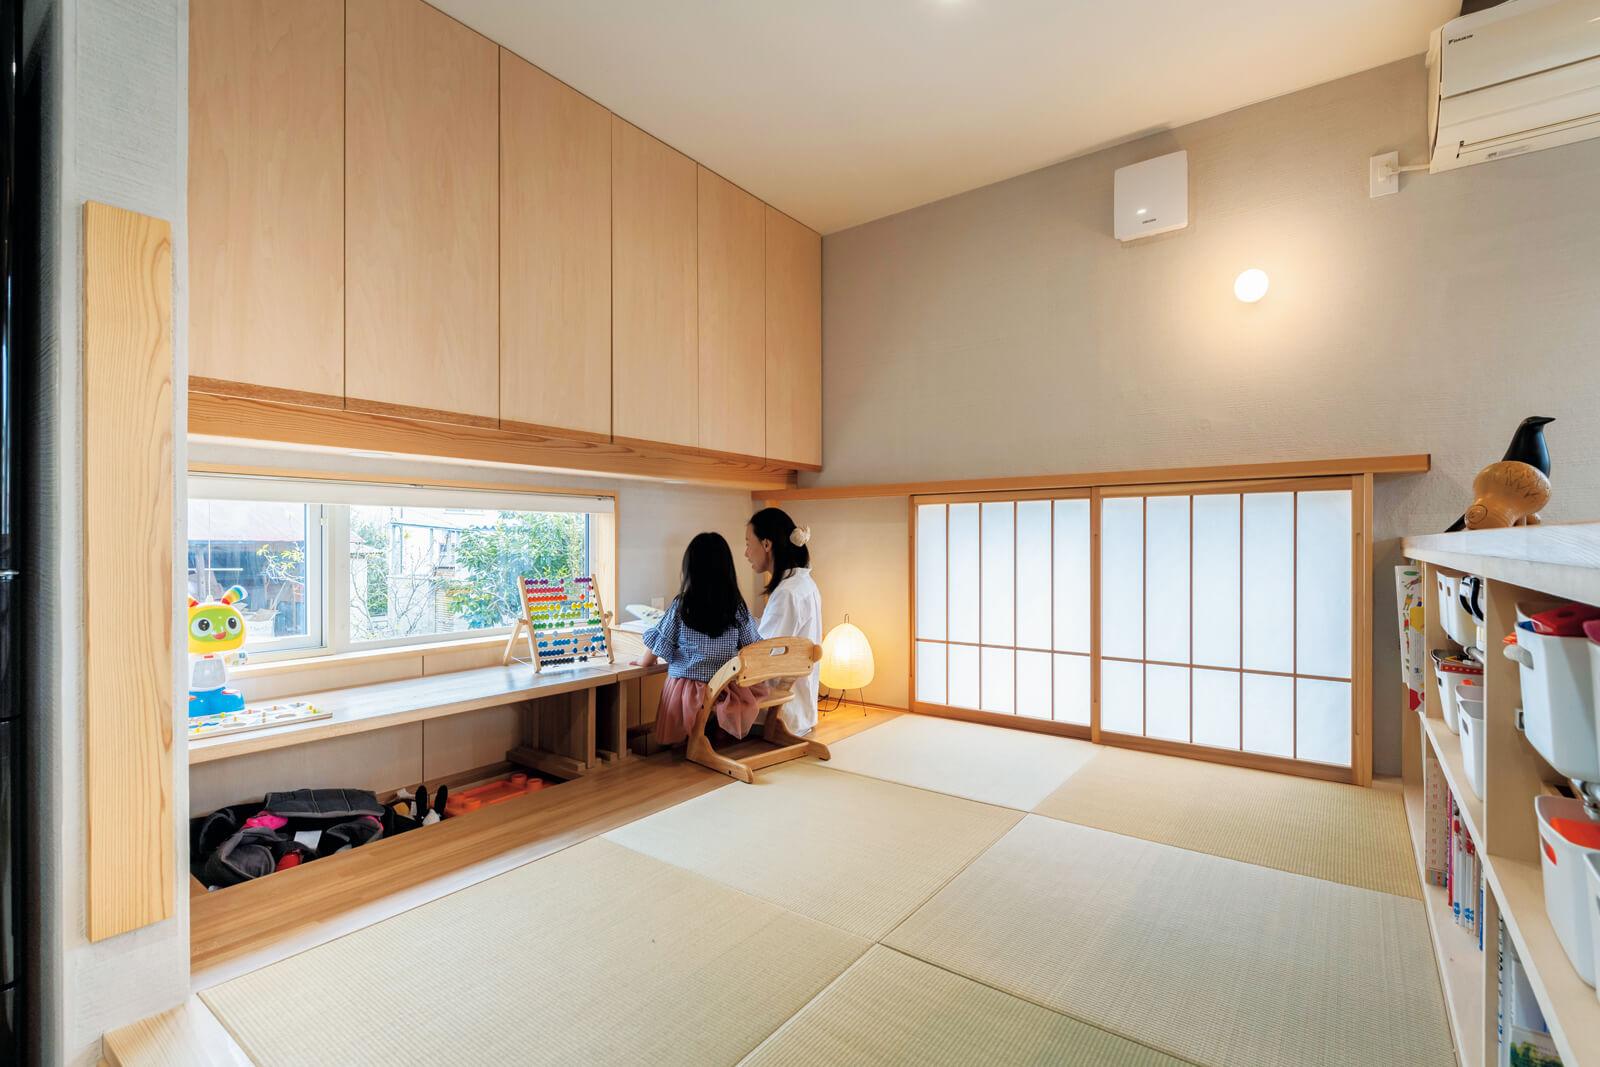 リビング奥の畳コーナーは小上がりの分天井が低くなり、和室らしい落ち着きが生まれた